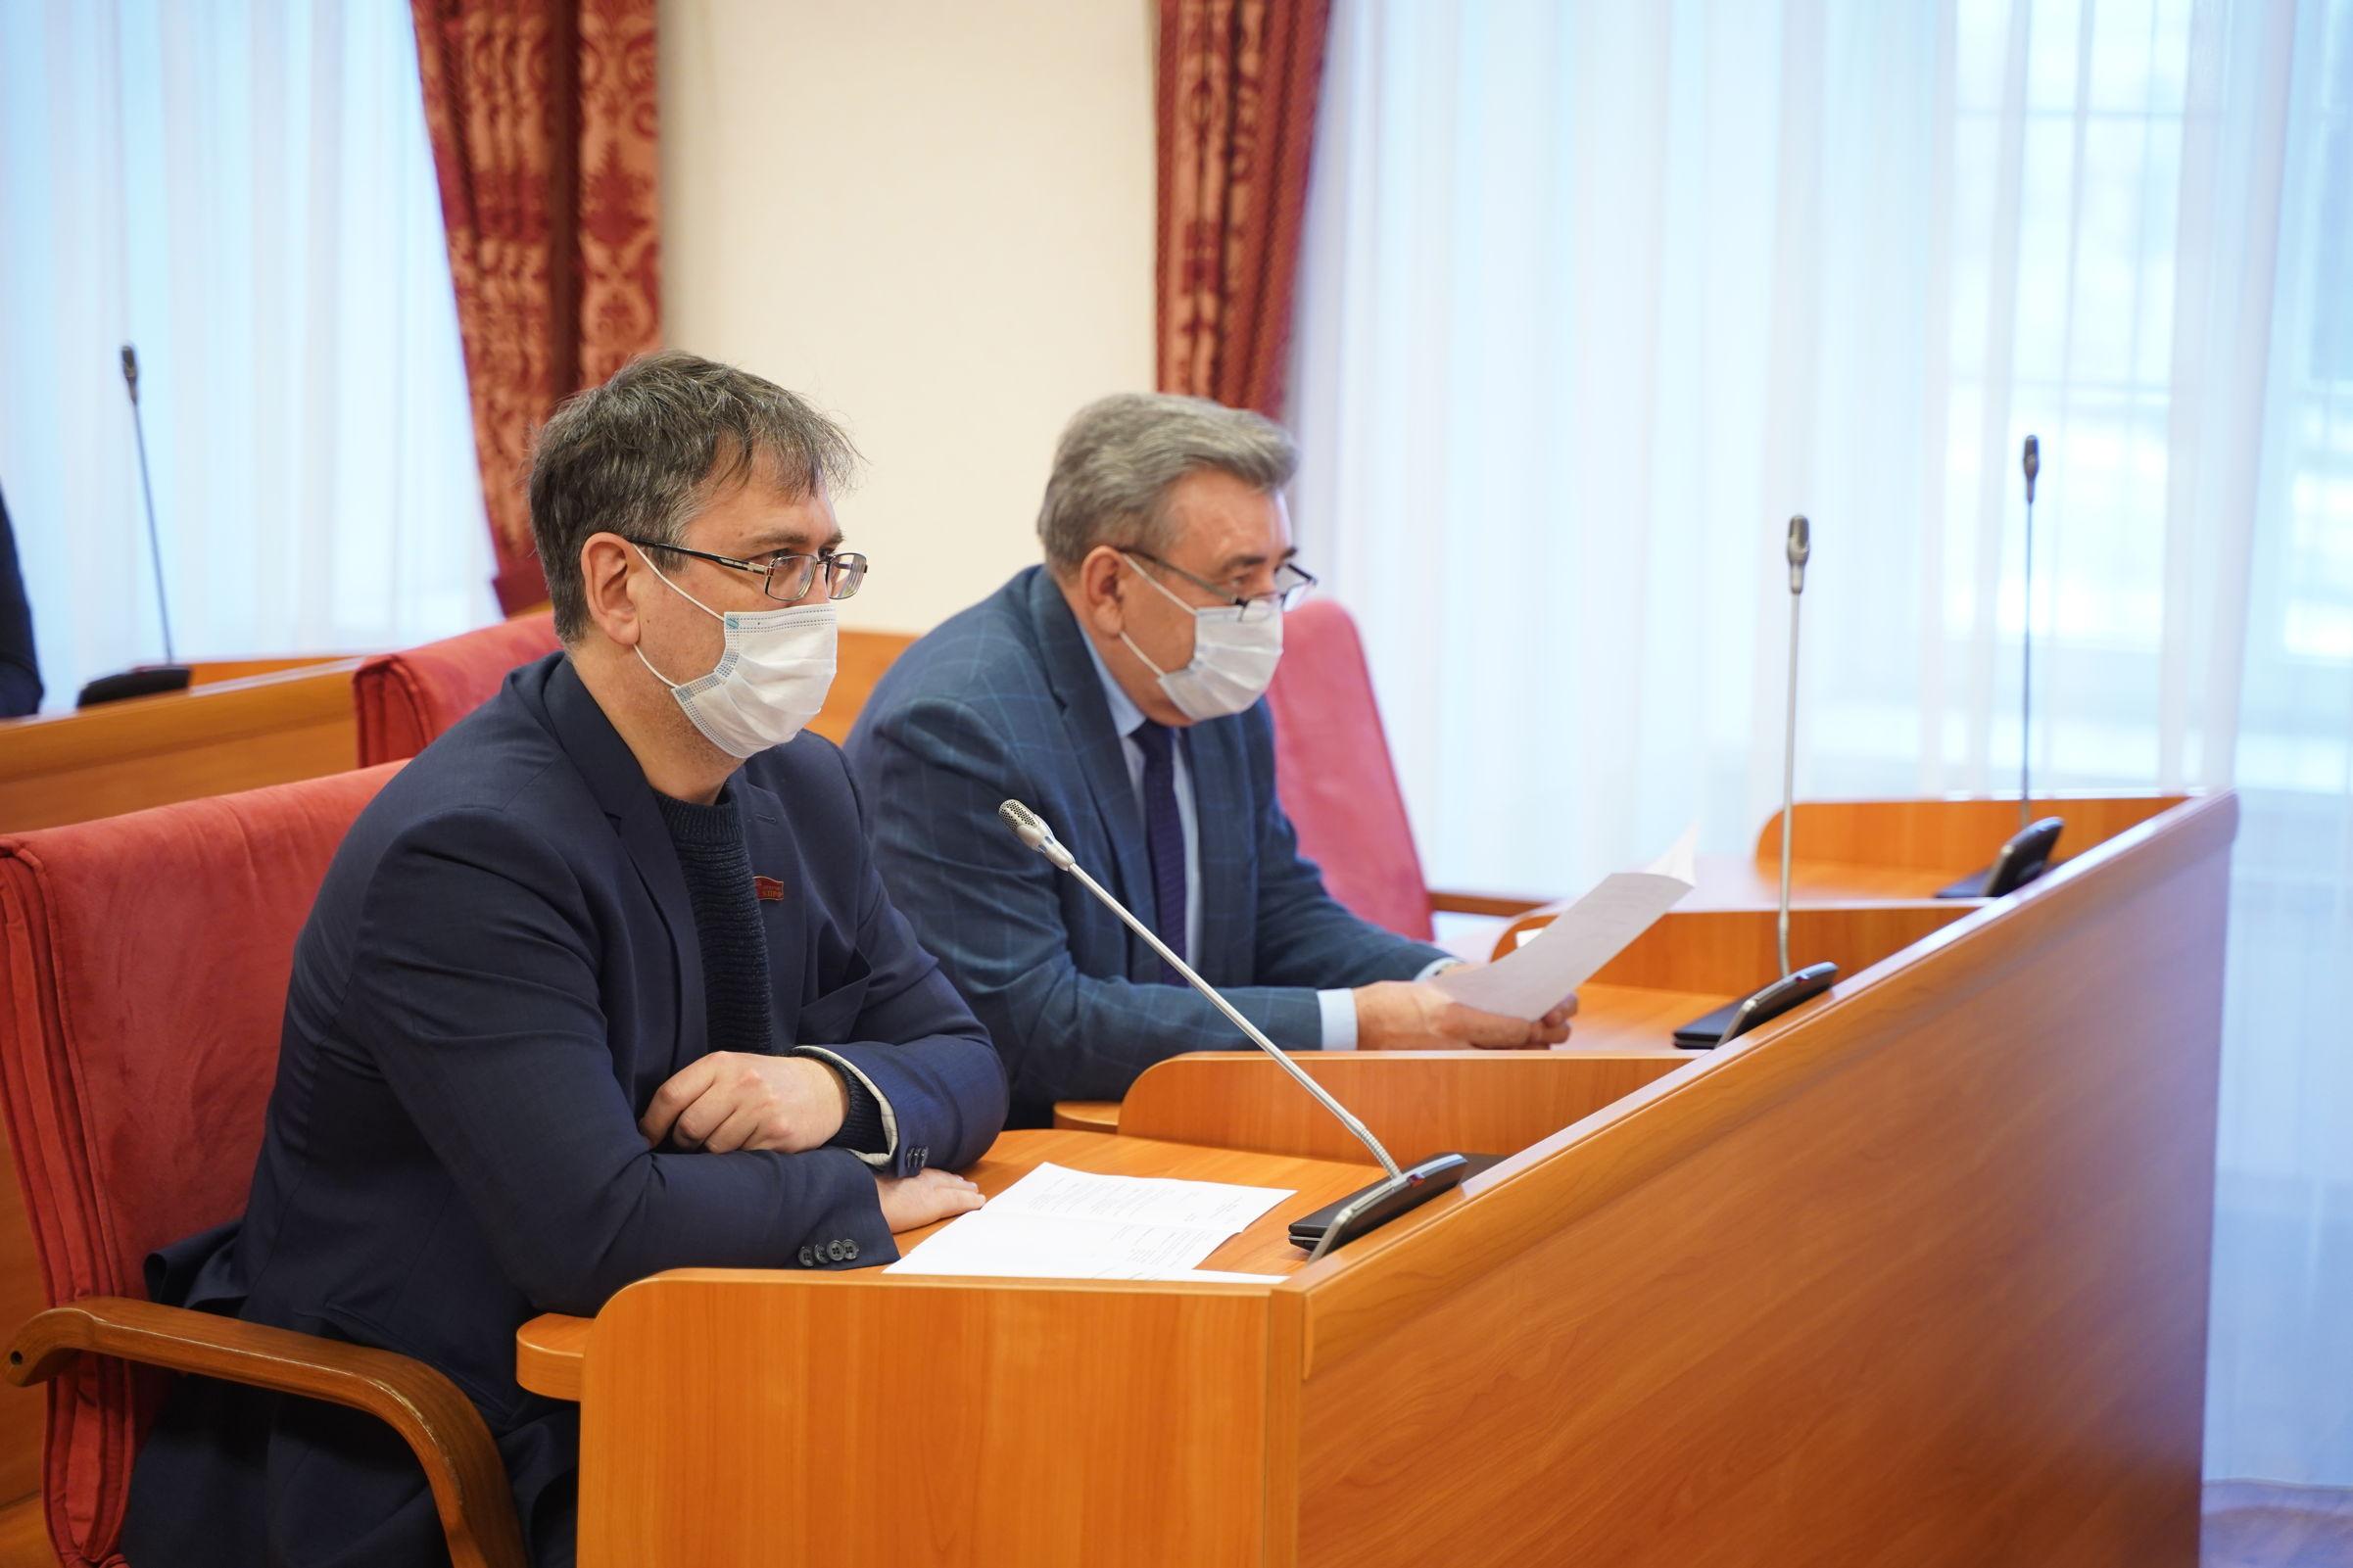 Назначена дата внеочередного заседания Яроблдумы, на котором прекратят полномочия погибшего Алексея Константинова